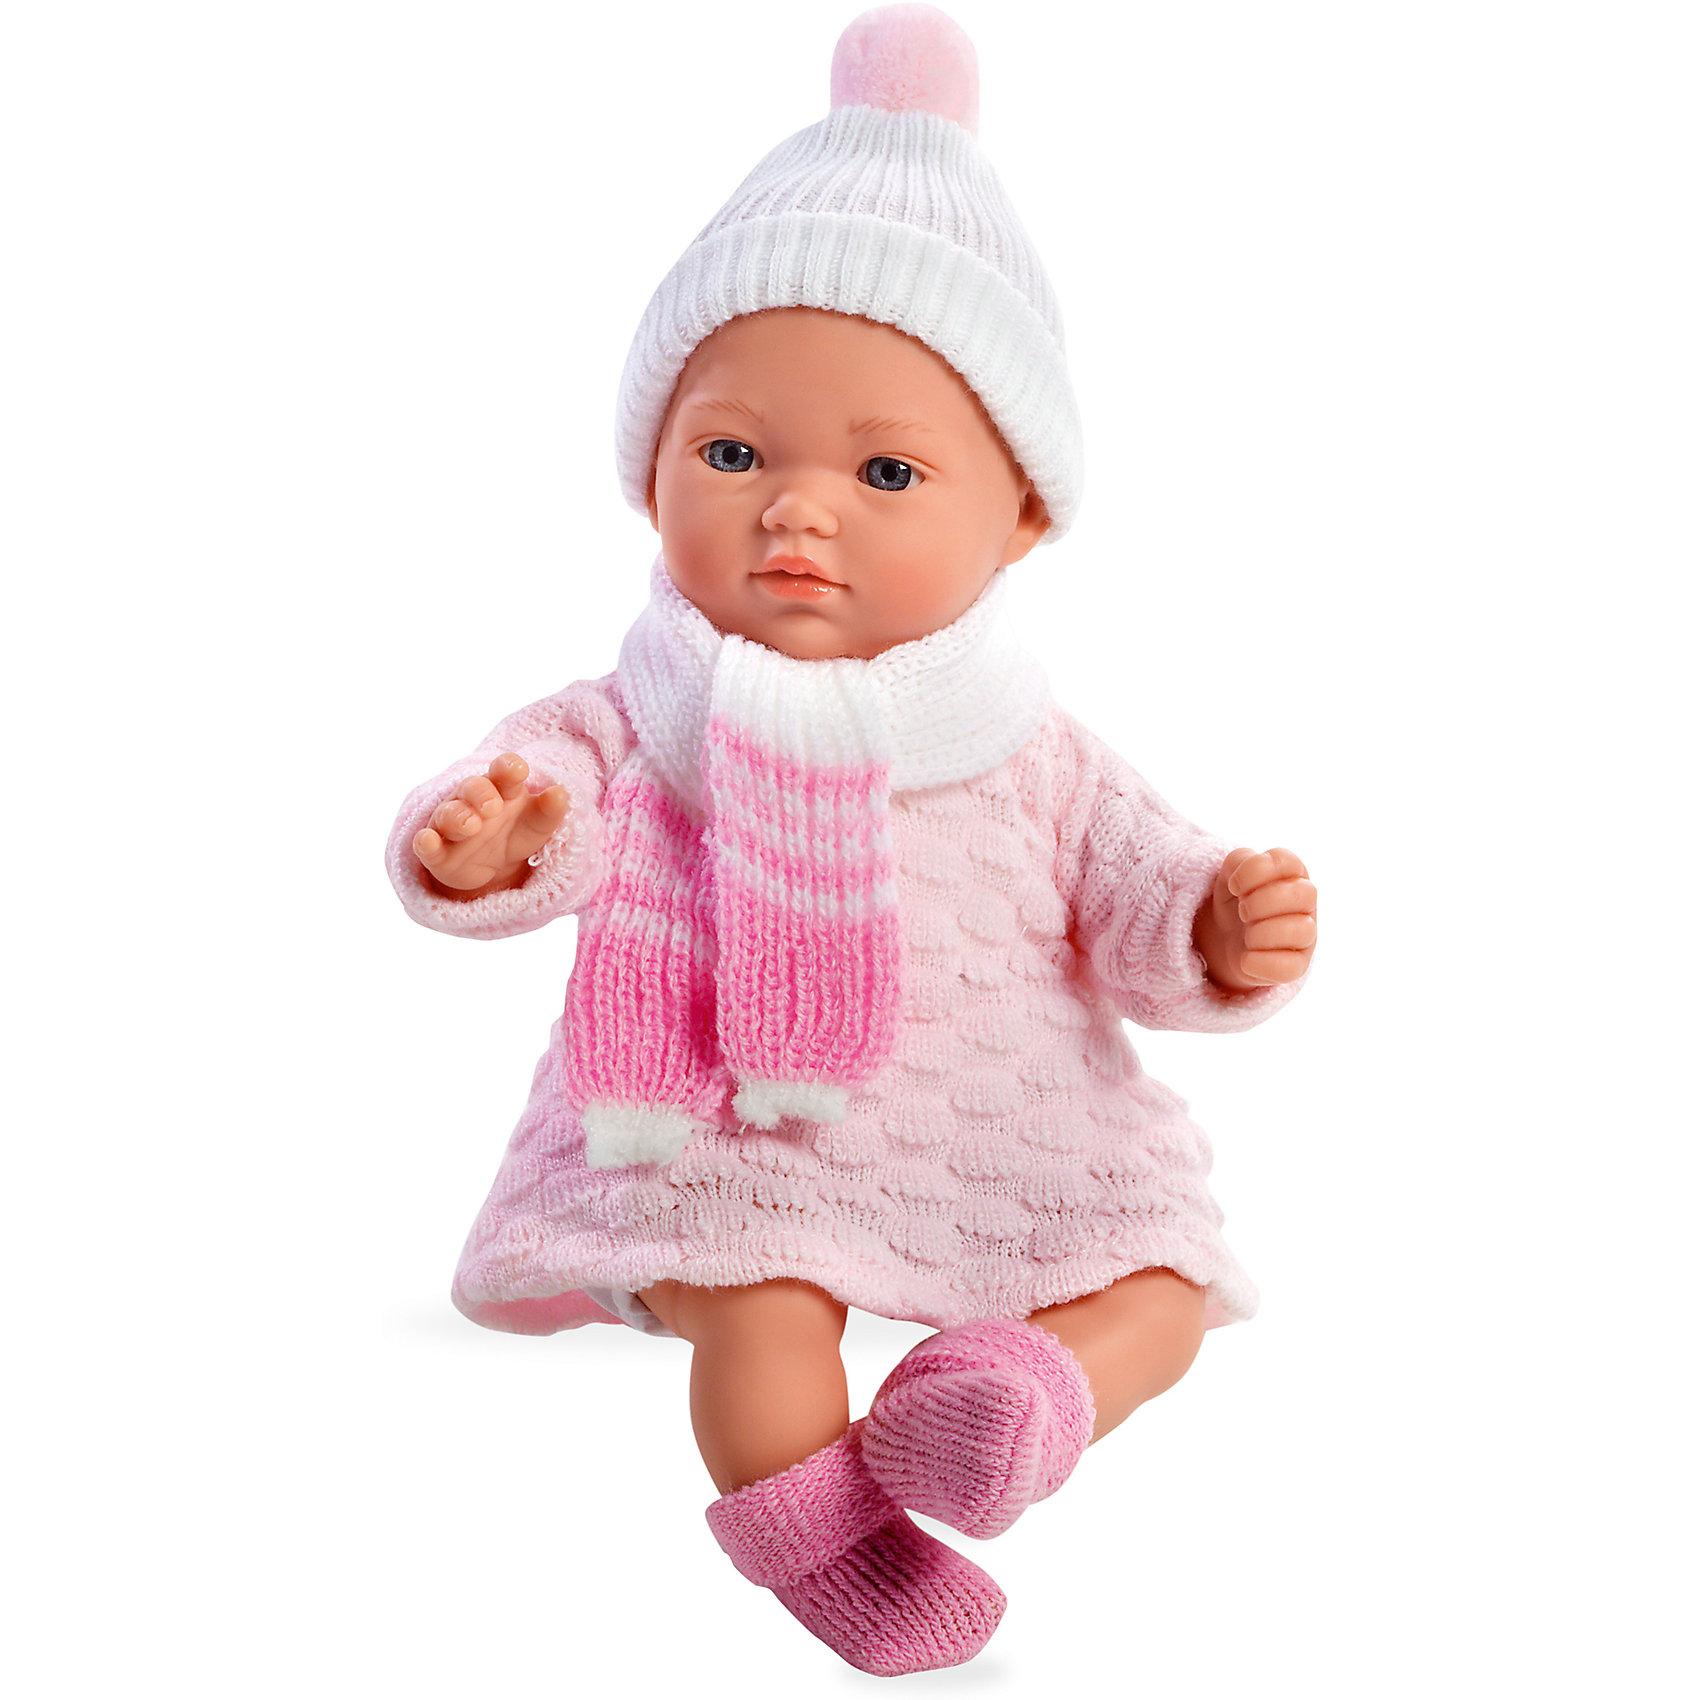 Кукла 5 функций, Elegance, в вязаной шапочке с шарфиком, розовый, 28 см, AriasИнтерактивные куклы<br>Характеристики:<br><br>• Вид игр: сюжетно-ролевые<br>• Пол: для девочек<br>• Коллекция: Elegance<br>• Материал: винил, текстиль<br>• Длина пупса: 28 см<br>• Комплектация: пупс, платьице, носочки, шапочка и шарфик<br>• Подвижные ручки и ножки <br>• Издает различные звуки <br>• Батарейки: 3 x AG13 / LR44 (предусмотрены в комплекте)<br>• Вес в упаковке: 980 г<br>• Размеры упаковки (Г*Ш*В): 19*11,5*34 см<br>• Упаковка: картонная коробка<br>• Особенности ухода: куклу можно купать, одежда – ручная стирка<br><br>Кукла 5 функций, Elegance, в вязаной шапочке с шарфиком, розовый, 28 см, Arias изготовлена известным испанским торговым предприятием Munecas, который специализируется на выпуске кукол и пупсов. Пупсы и куклы Arias с высокой степенью достоверности повторяют облик маленьких детей, благодаря мельчайшим деталям внешнего вида и одежды игрушки выглядят мило и очаровательно. Кукла выполнена из винила, у нее подвижные ручки и ножки, четко прорисованные глаза и брови, курносый носик и пухленькие губки. Малышка одета в вязаное платьице с длинным рукавом, шапочку с помпоном, на ножках у нее теплые носочки, на шее повязан шарфик. При нажатии на животик, кукла издает различные звуки младенца. Кукла 5 функций, Elegance, в вязаной шапочке с шарфиком, розовый, 28 см, Arias станет идеальным подарком для девочки к любому празднику.<br><br>Куклу 5 функций, Elegance, в вязаной шапочке с шарфиком, розовый, 28 см, Arias можно купить в нашем интернет-магазине.<br><br>Ширина мм: 190<br>Глубина мм: 340<br>Высота мм: 115<br>Вес г: 683<br>Возраст от месяцев: 36<br>Возраст до месяцев: 120<br>Пол: Женский<br>Возраст: Детский<br>SKU: 5355535